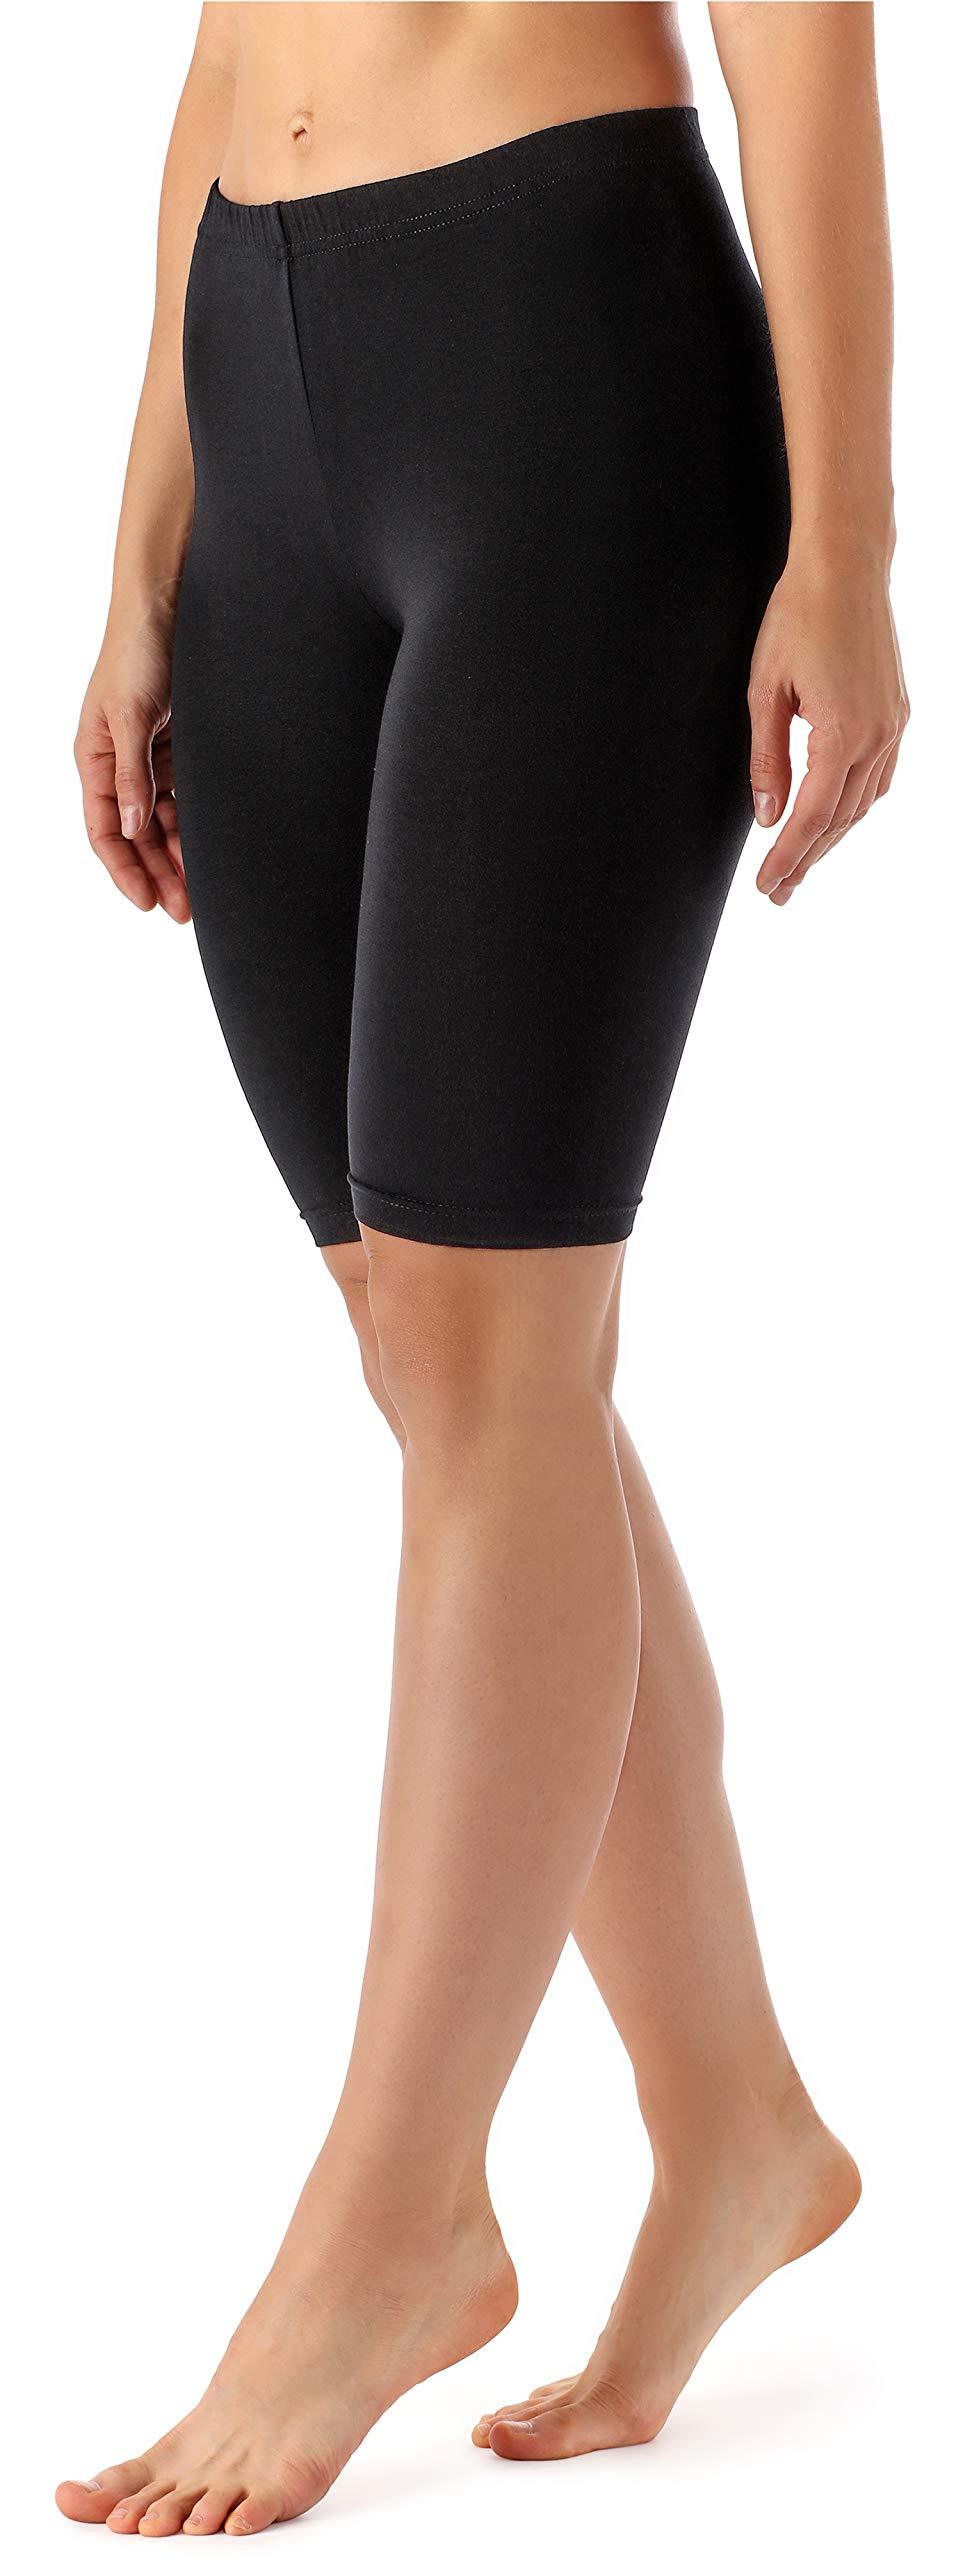 Legging Court Tenue Sport Vêtement Femme MS10-145